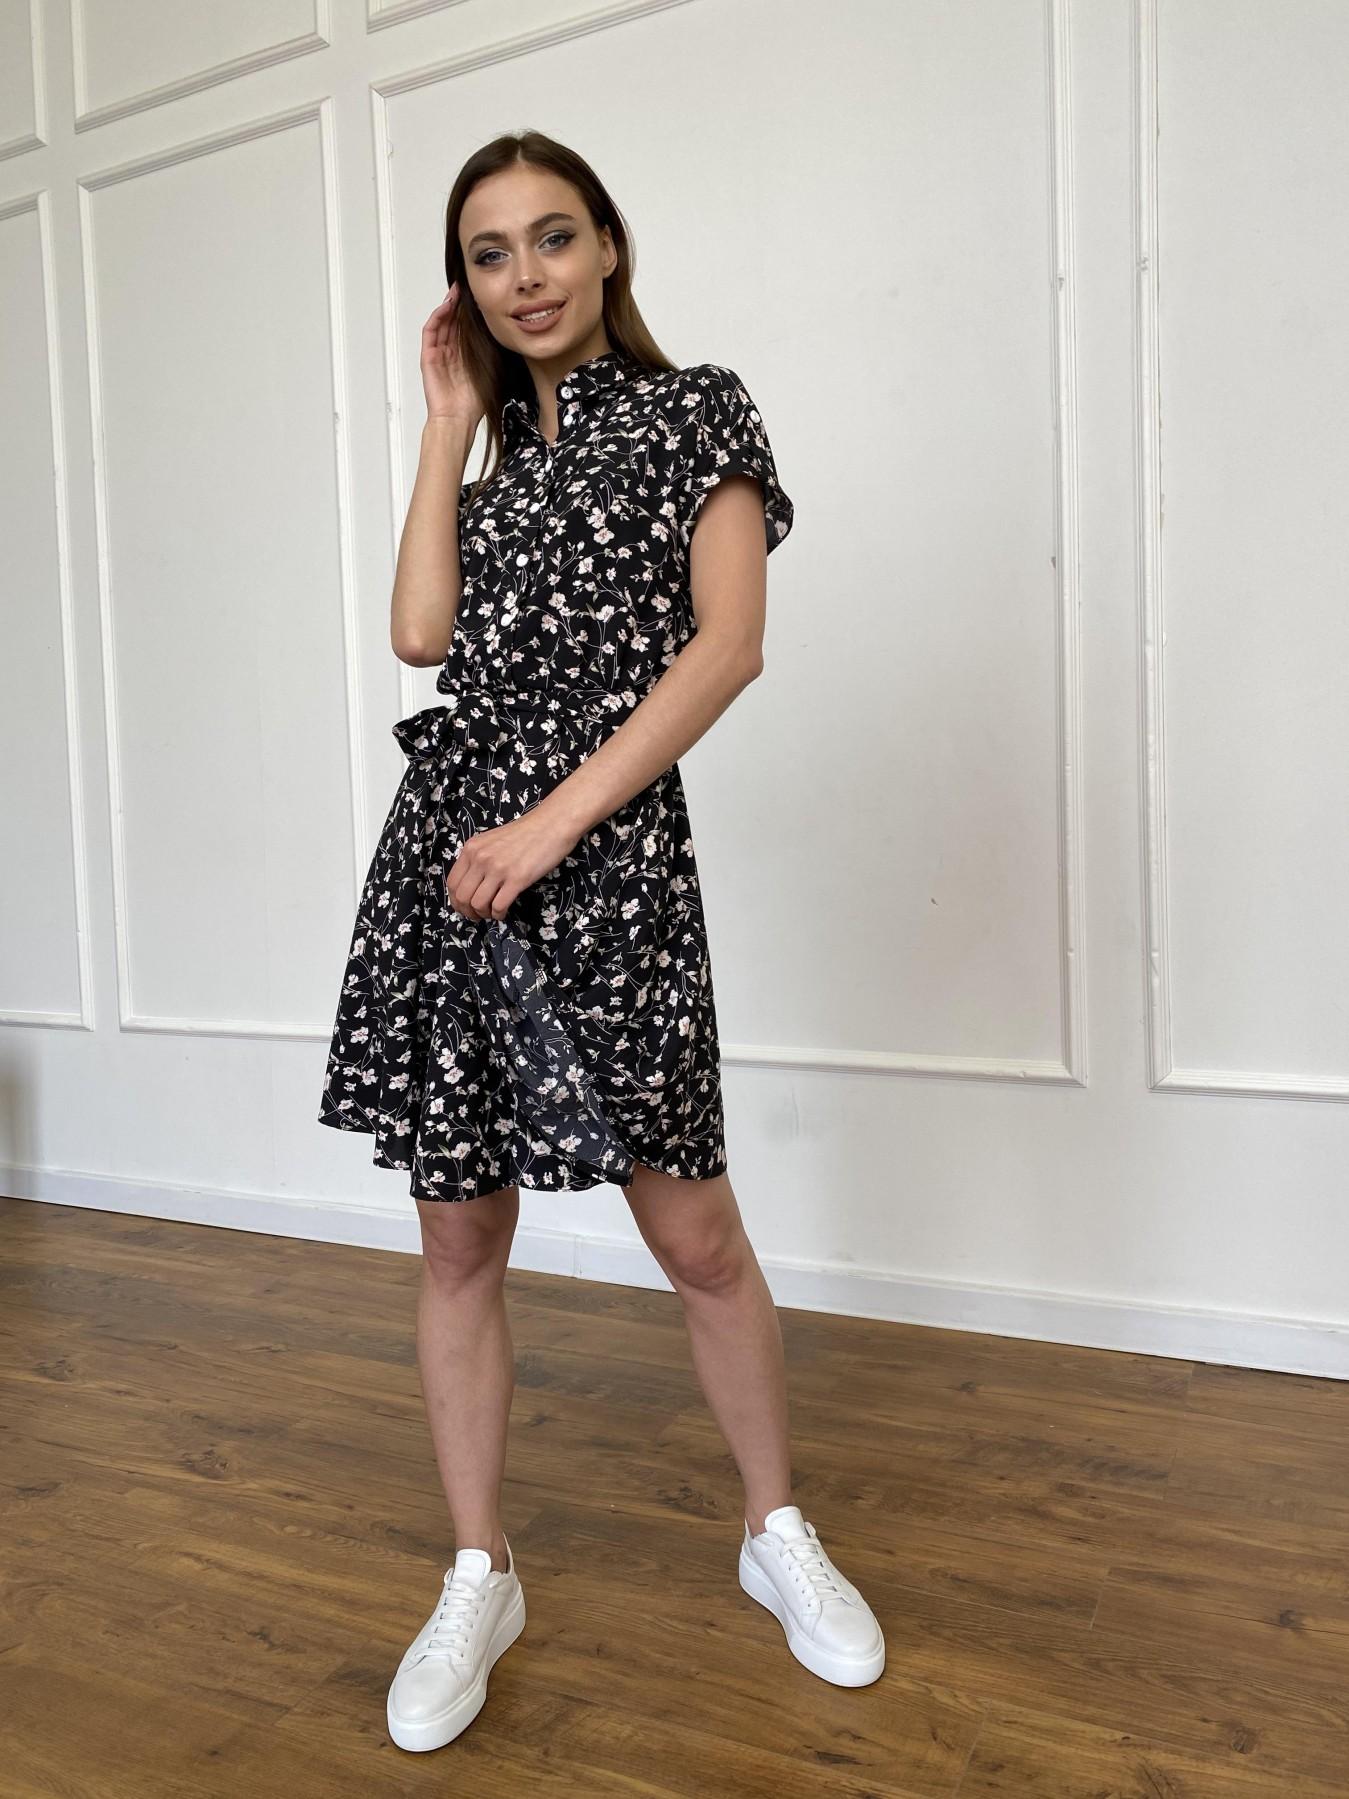 Санжар платье из ткани софт в принт 11215 АРТ. 47728 Цвет: Черный/молоко, Цветы - фото 3, интернет магазин tm-modus.ru